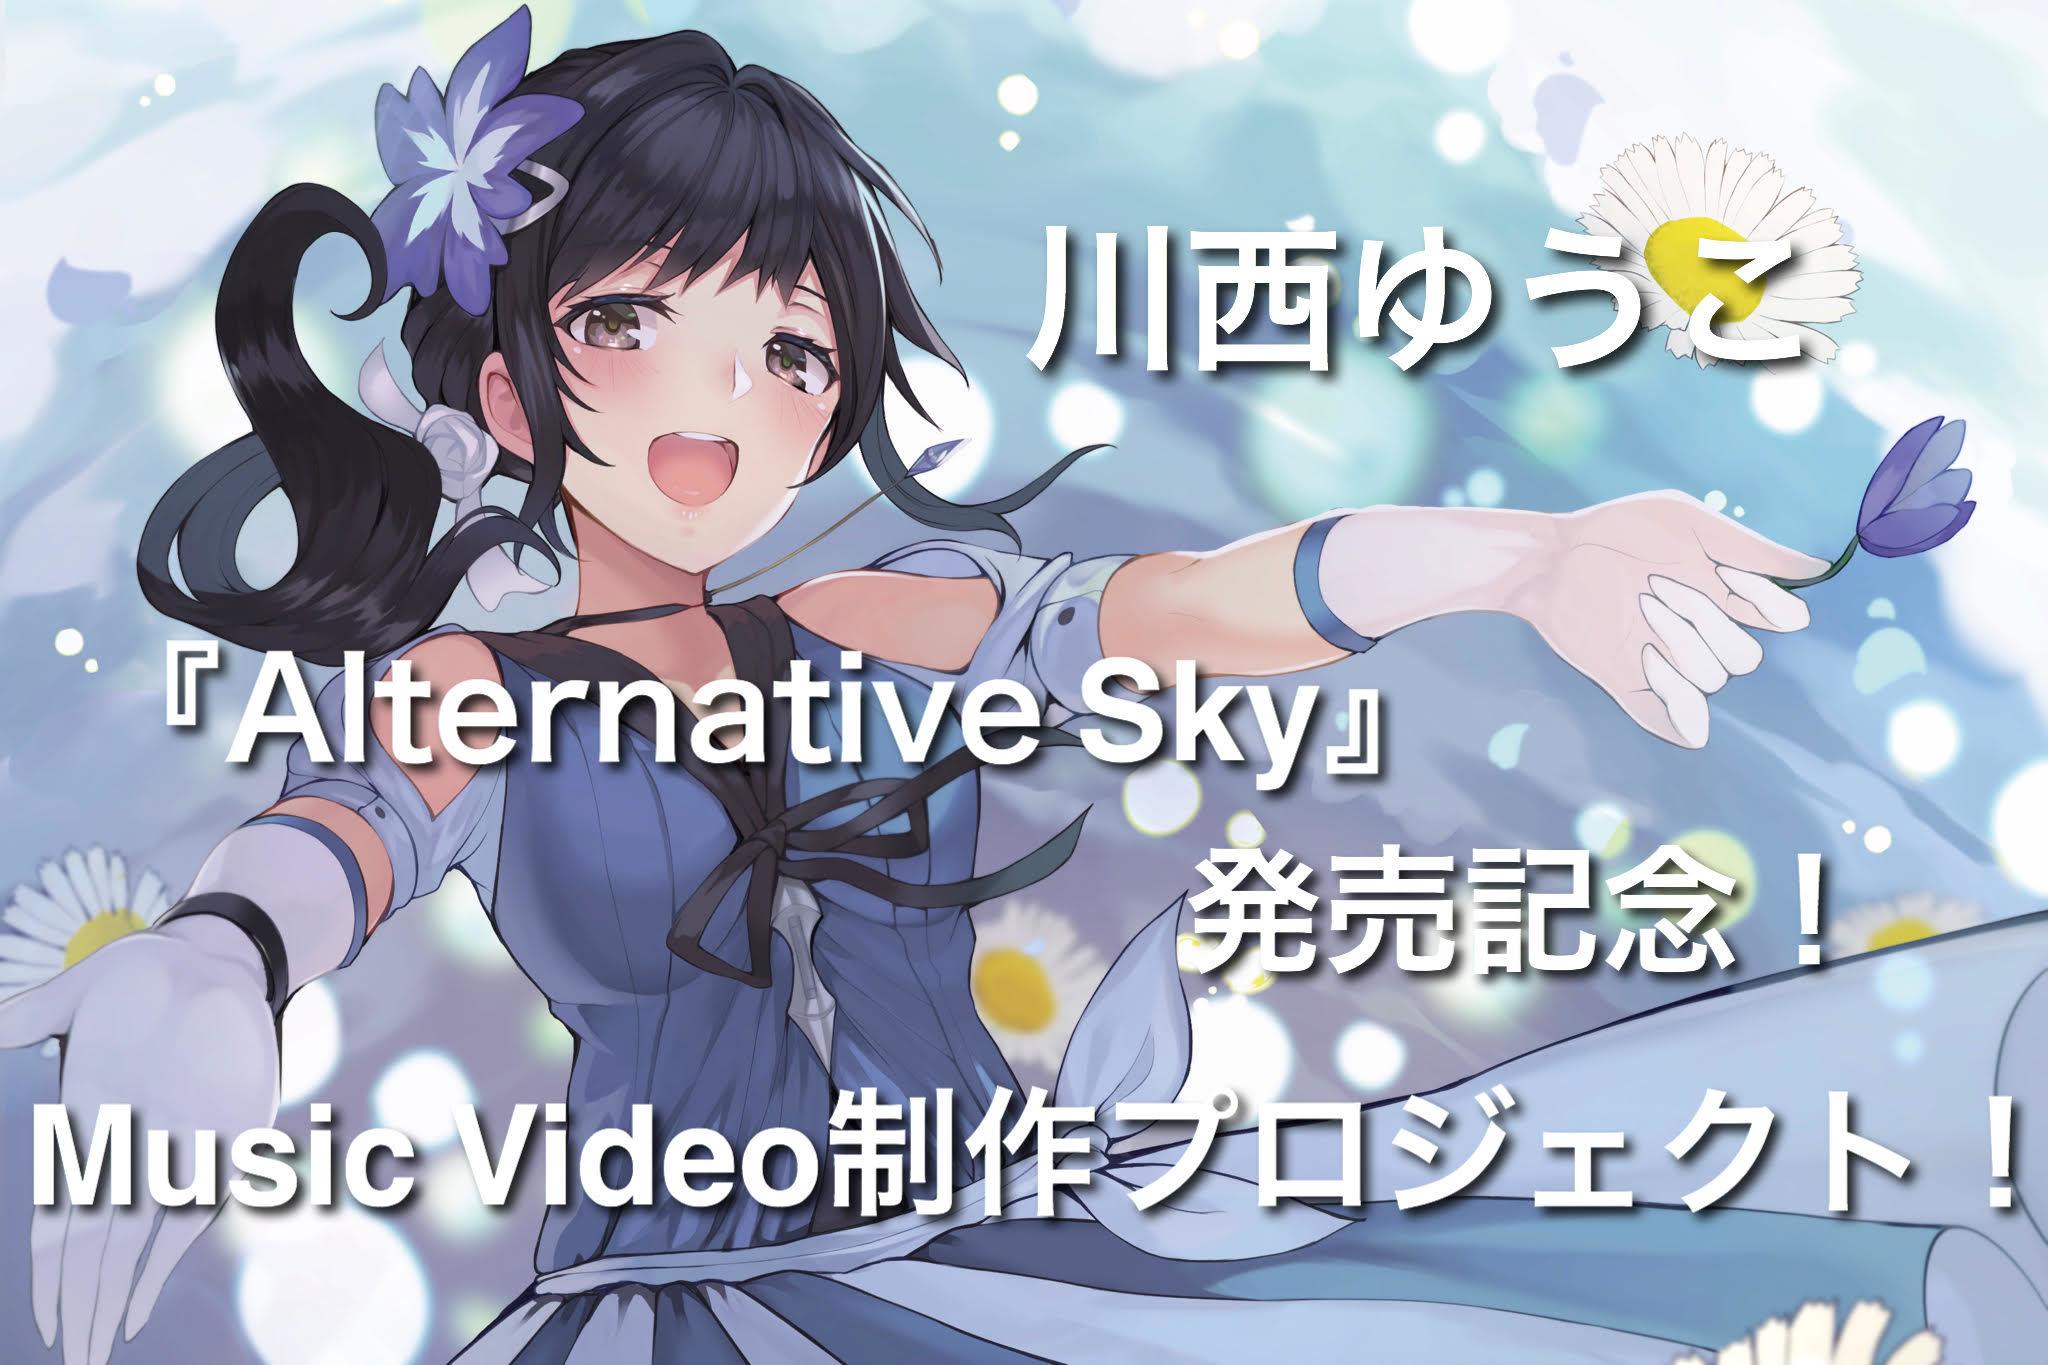 【川西ゆうこ】『Alternative Sky』発売記念!Music Video制作プロジェクト!